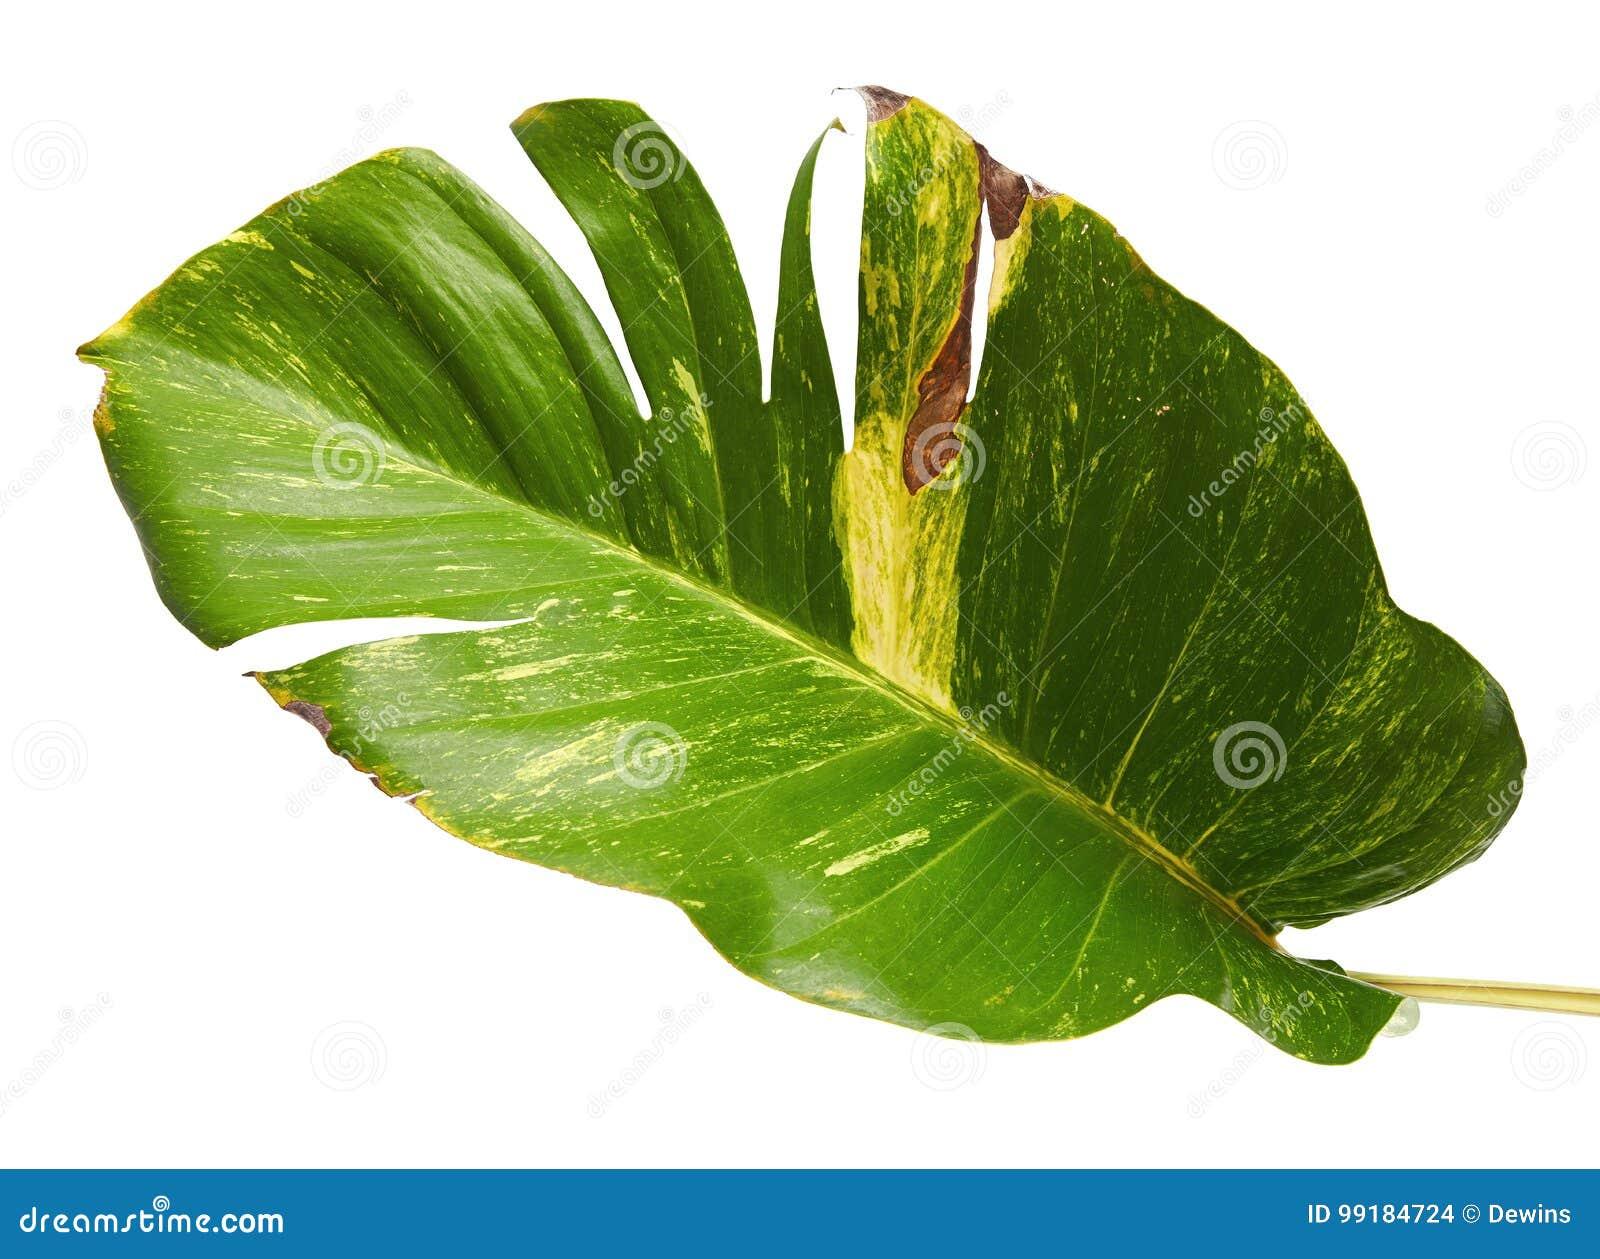 Devils Ivy Golden Pothos Epipremnum Aureum Heart Shaped Leaves